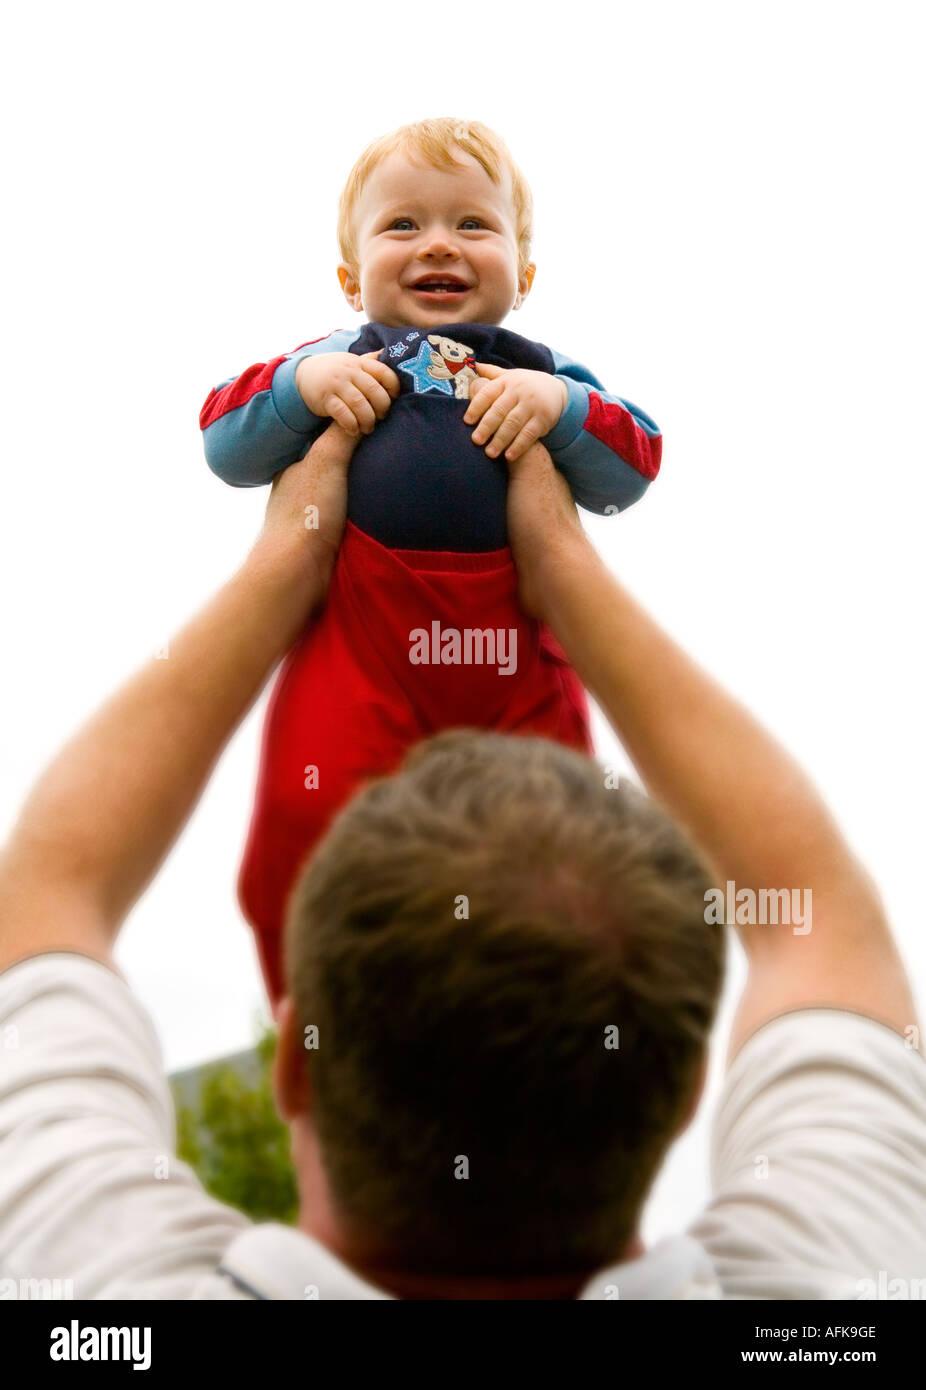 Happy baby boy held aloft by dad - Stock Image